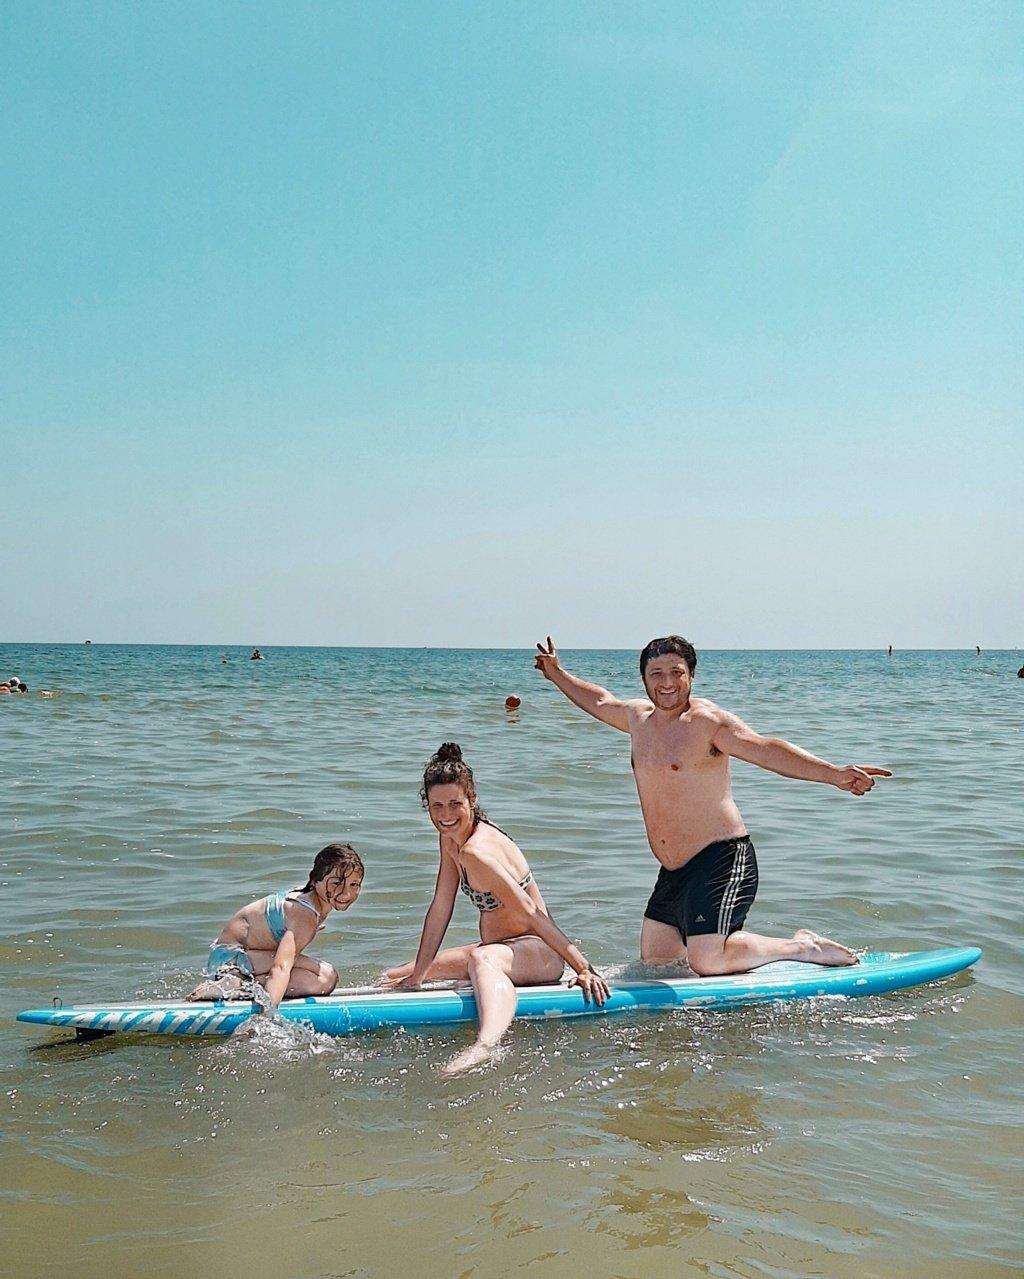 Sup Rimini attività perfetta per famiglie con bambini